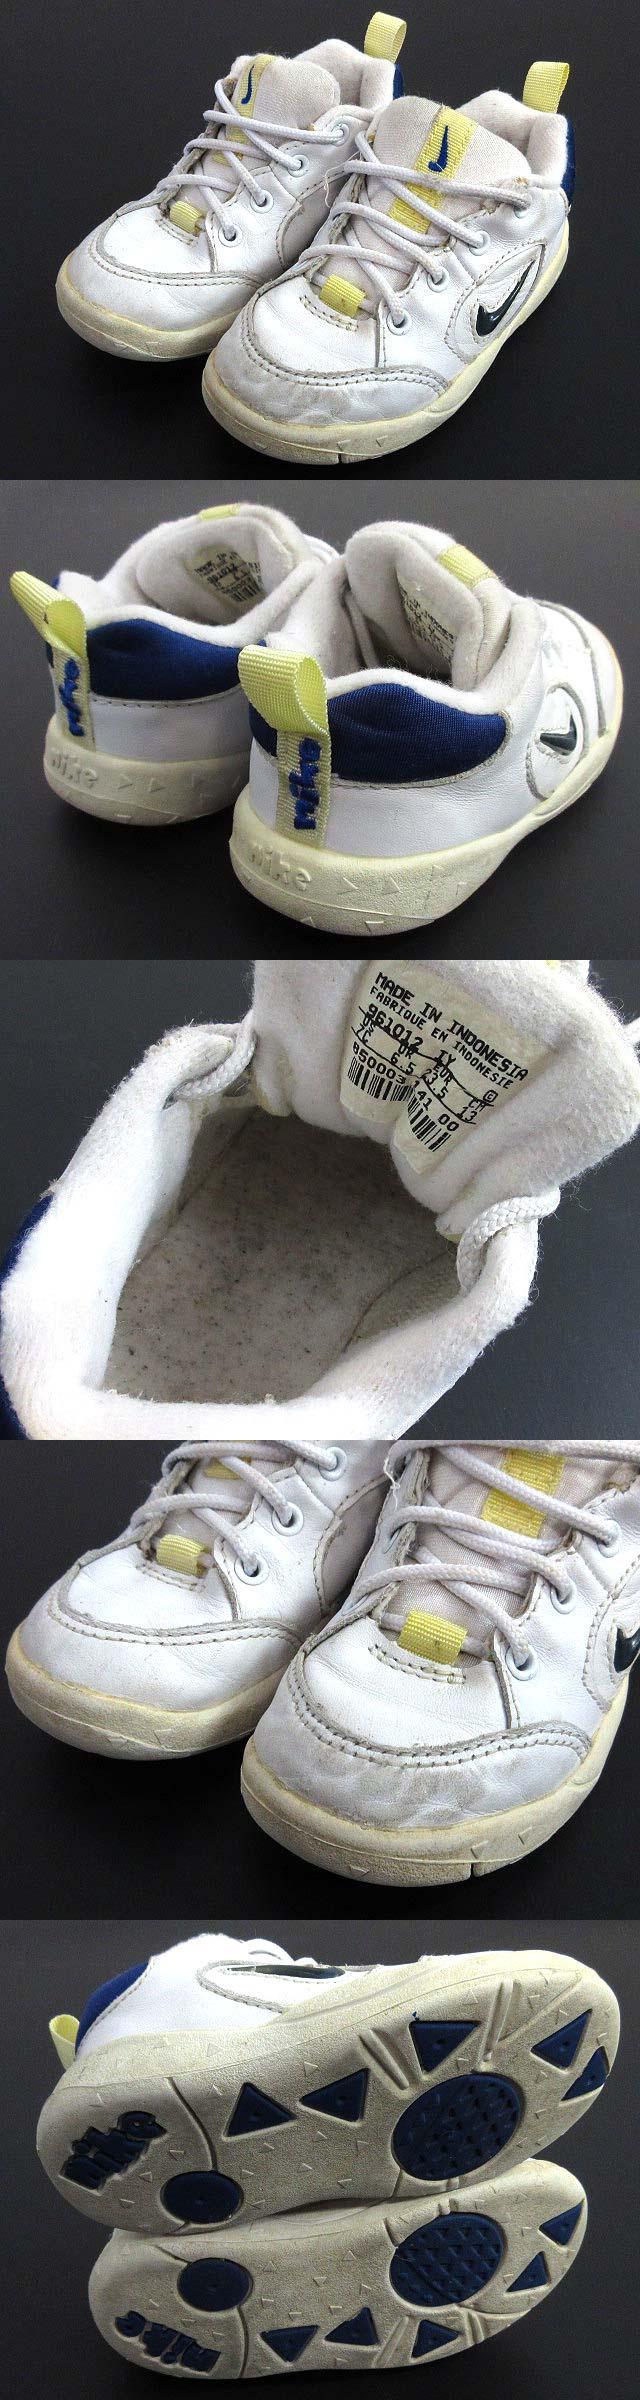 スニーカー レザー ロゴマーク 白 ホワイト 13cm 子供靴